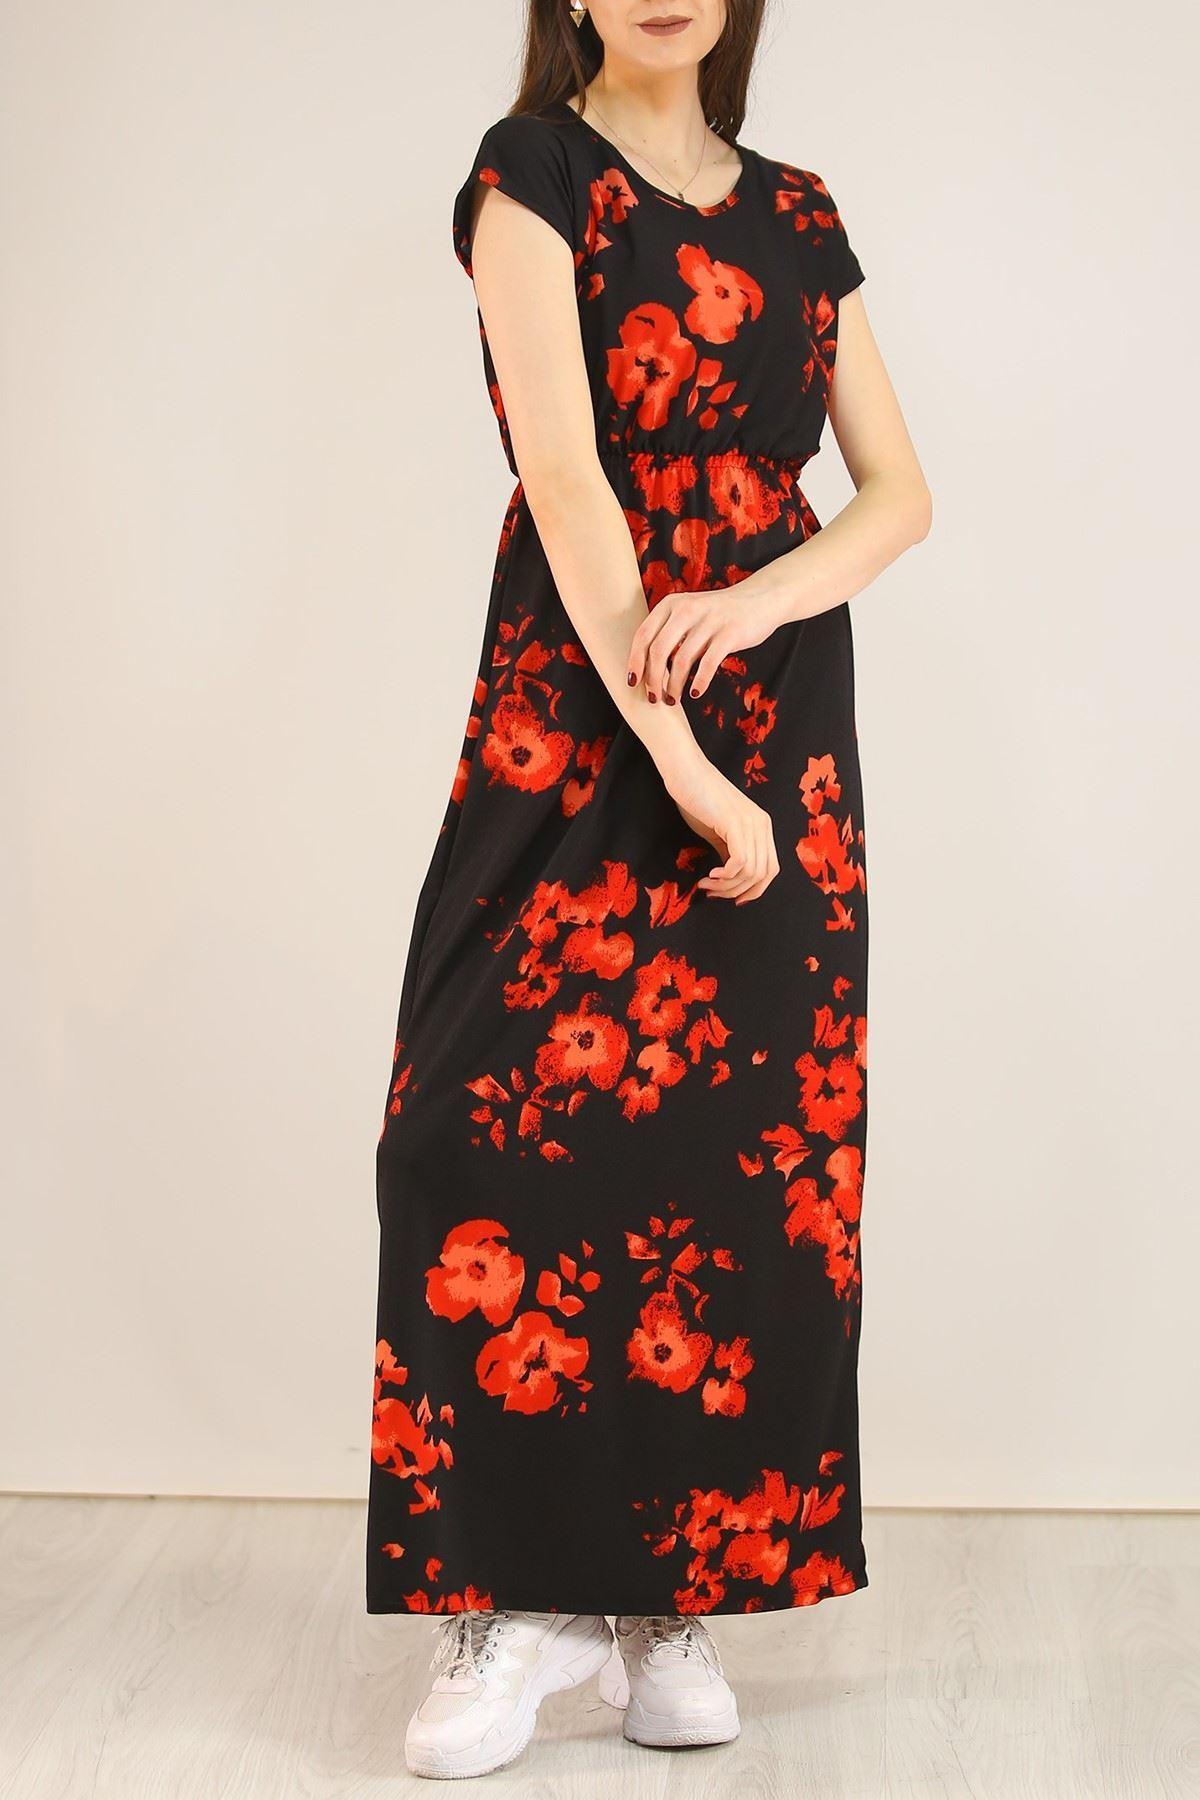 Desenli Elbise Siyahkırmızı - 5088.716.